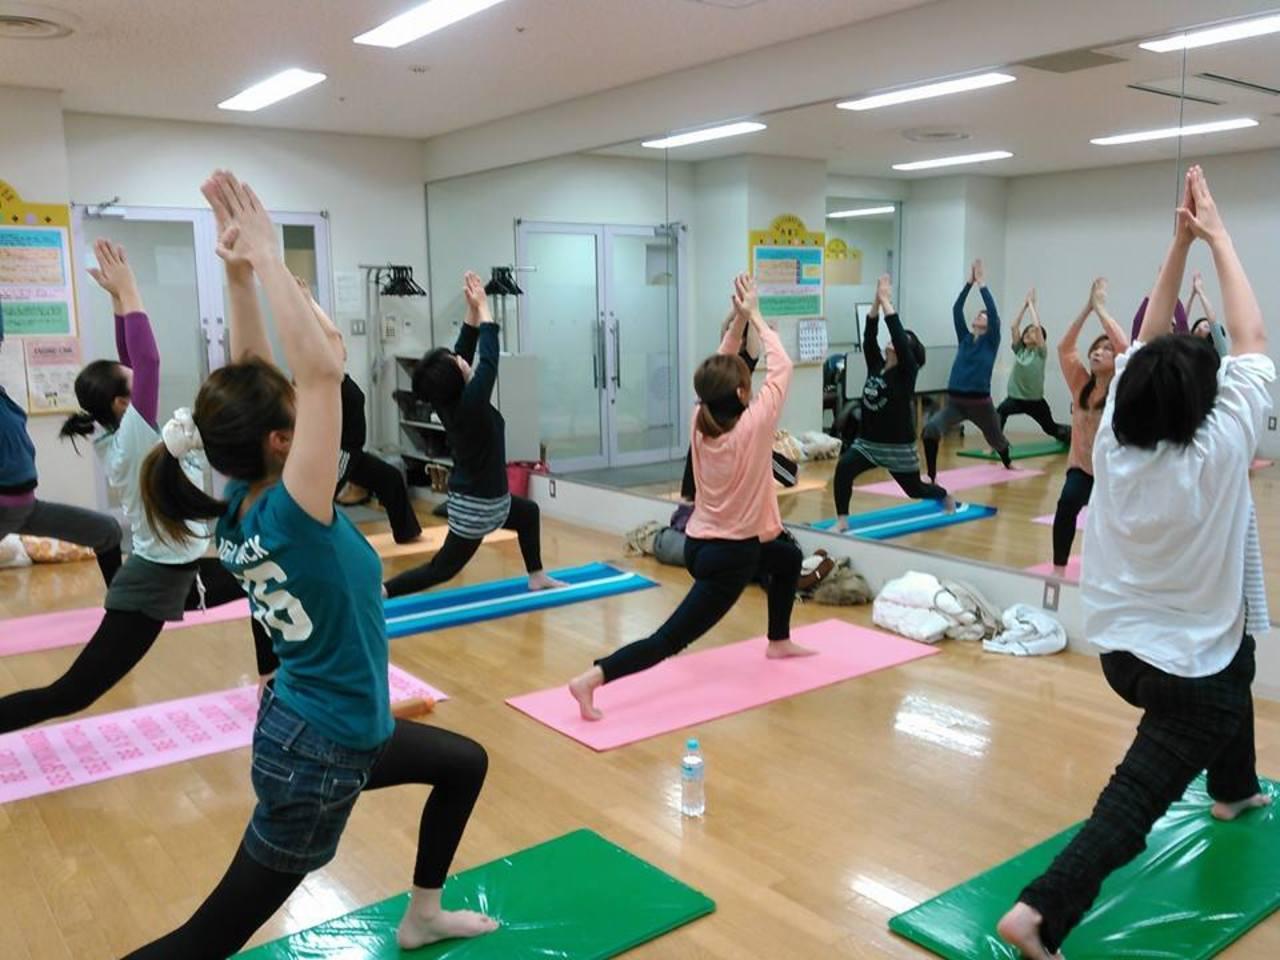 一緒にストレッチ 4〜6月 託児付き 女性のためのヨガクラス 西区 (4/26) 札幌